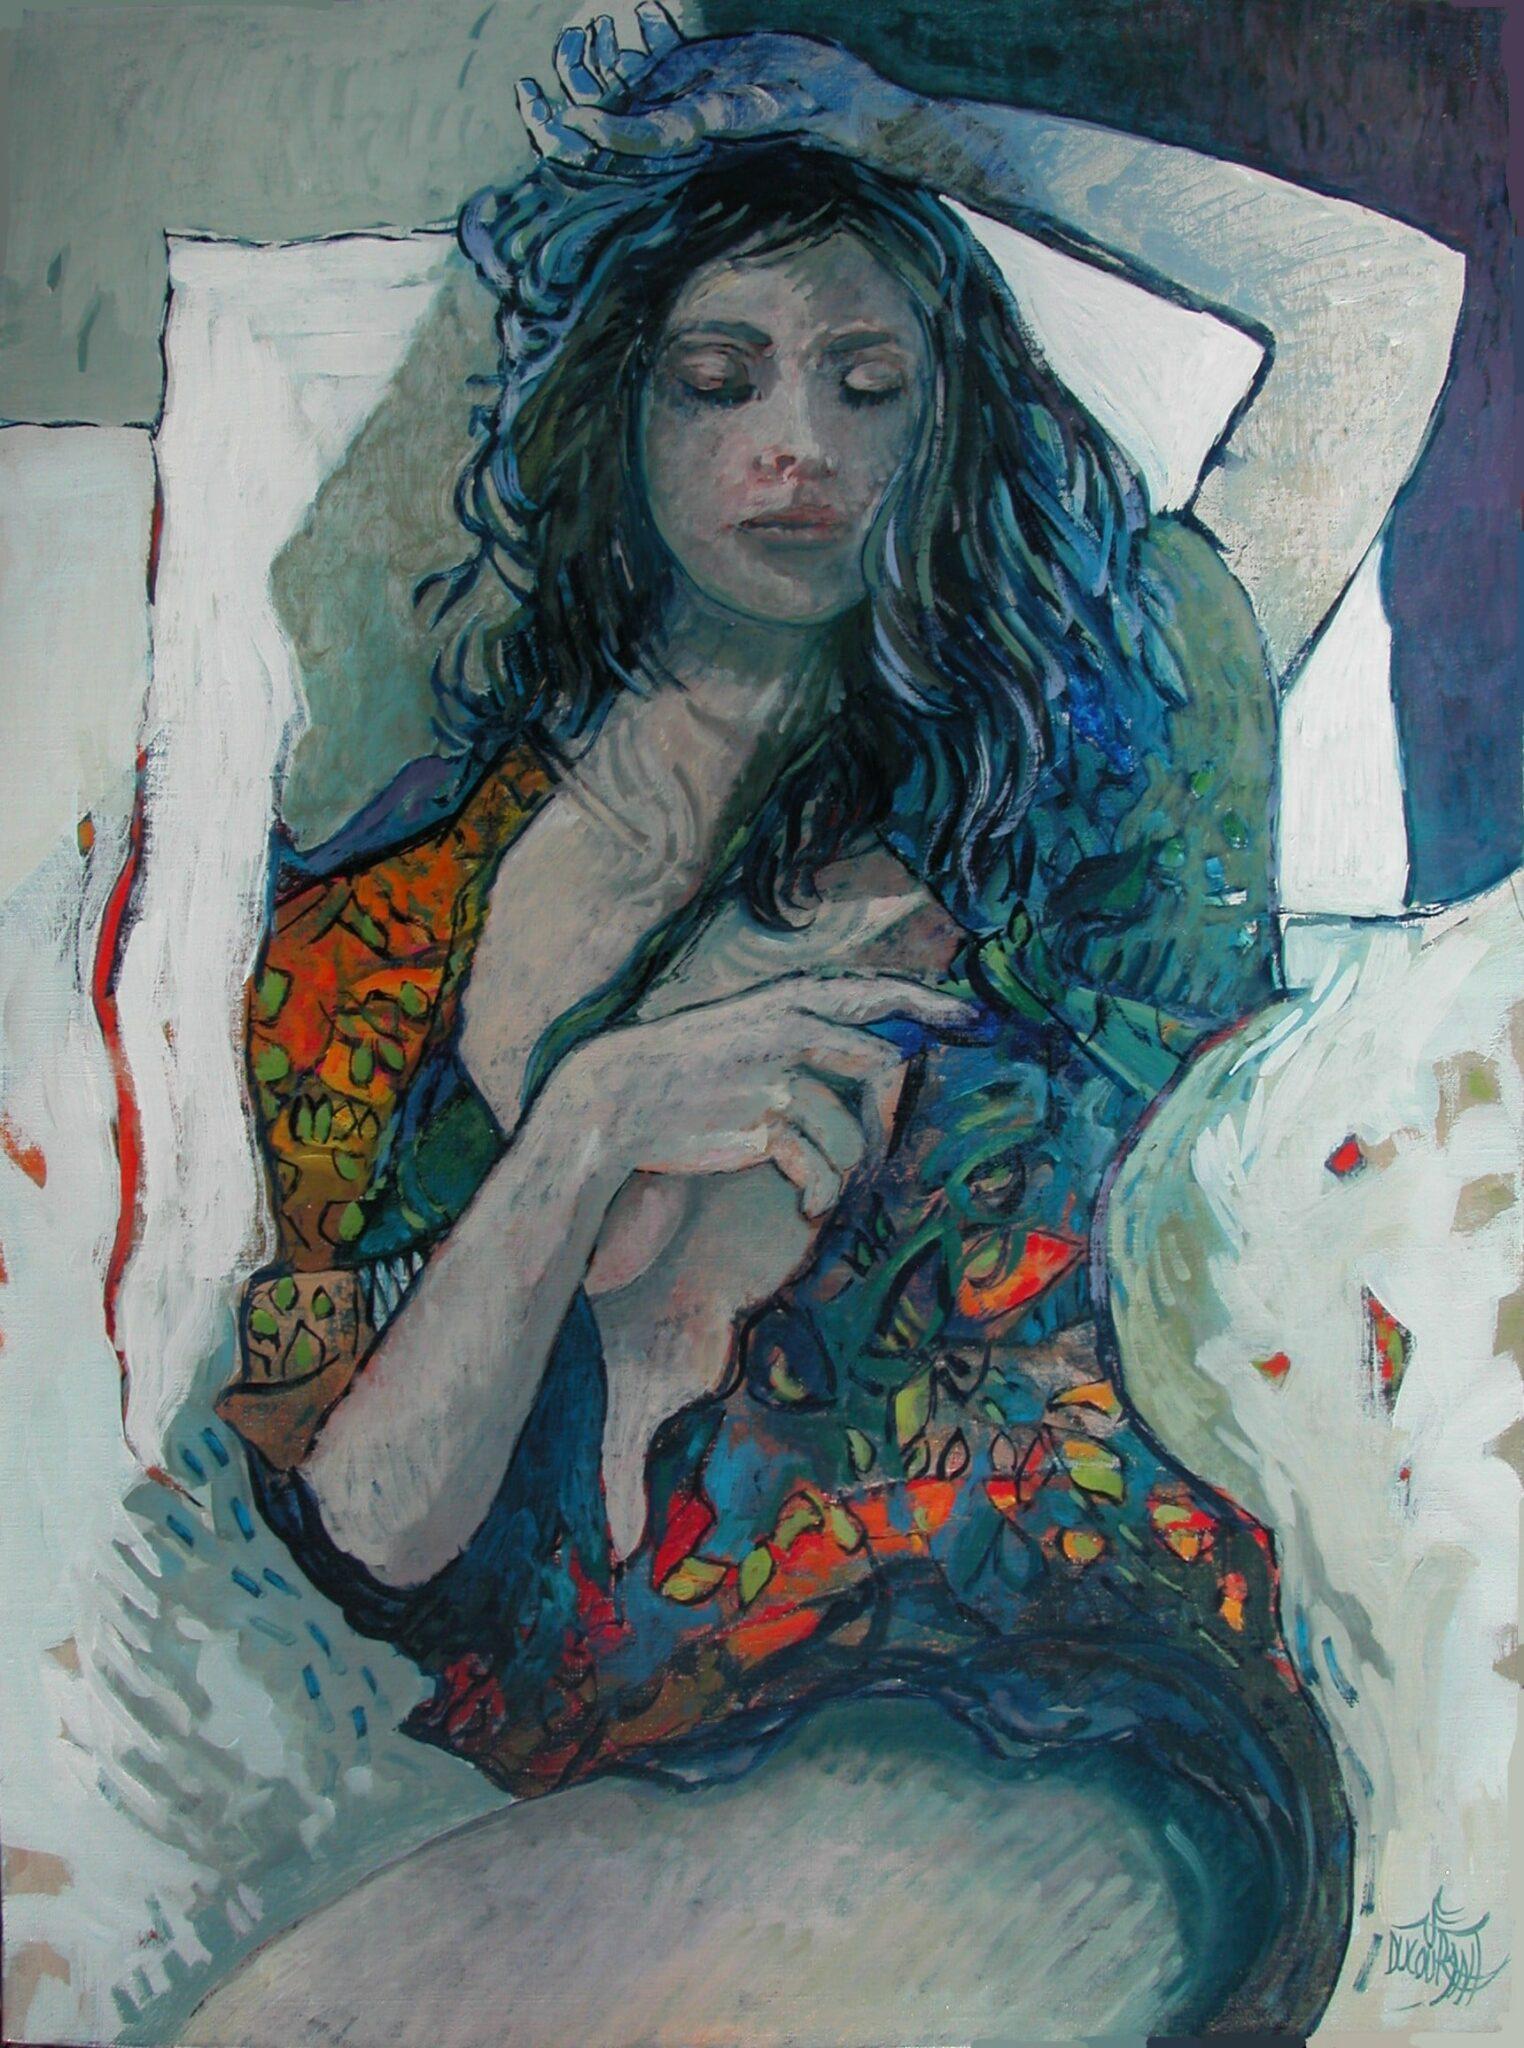 La main bleue des rêves - 81x60cm